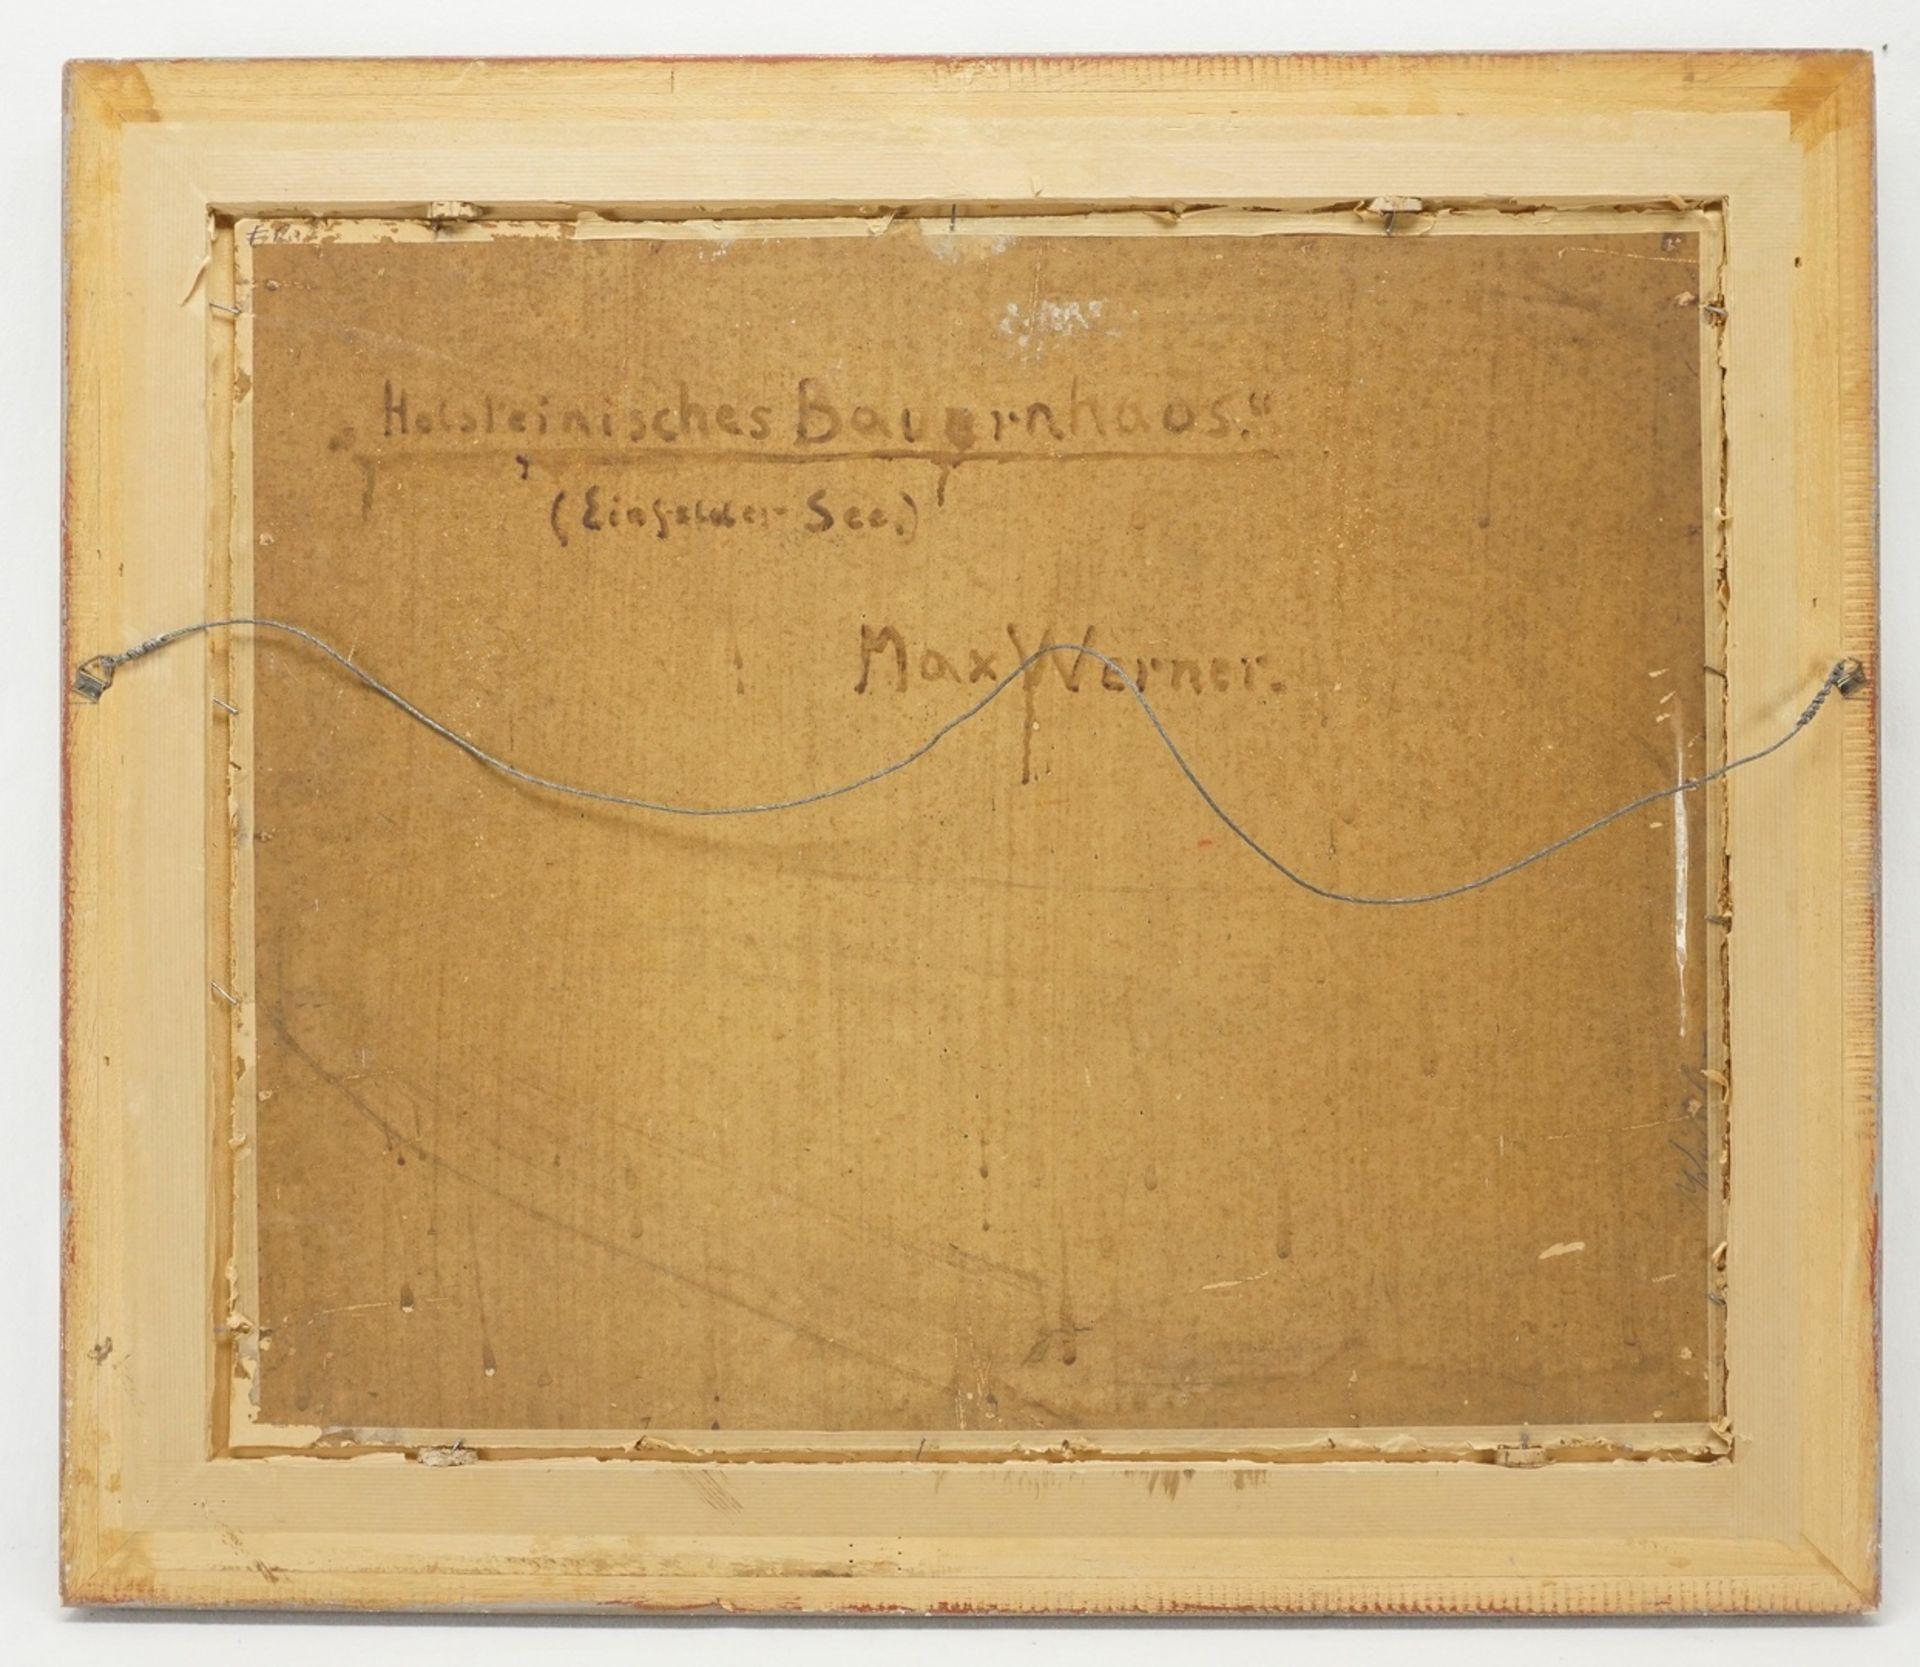 """Max Werner, """"Holsteinisches Bauernhaus (Einfelder See)"""" - Bild 3 aus 4"""